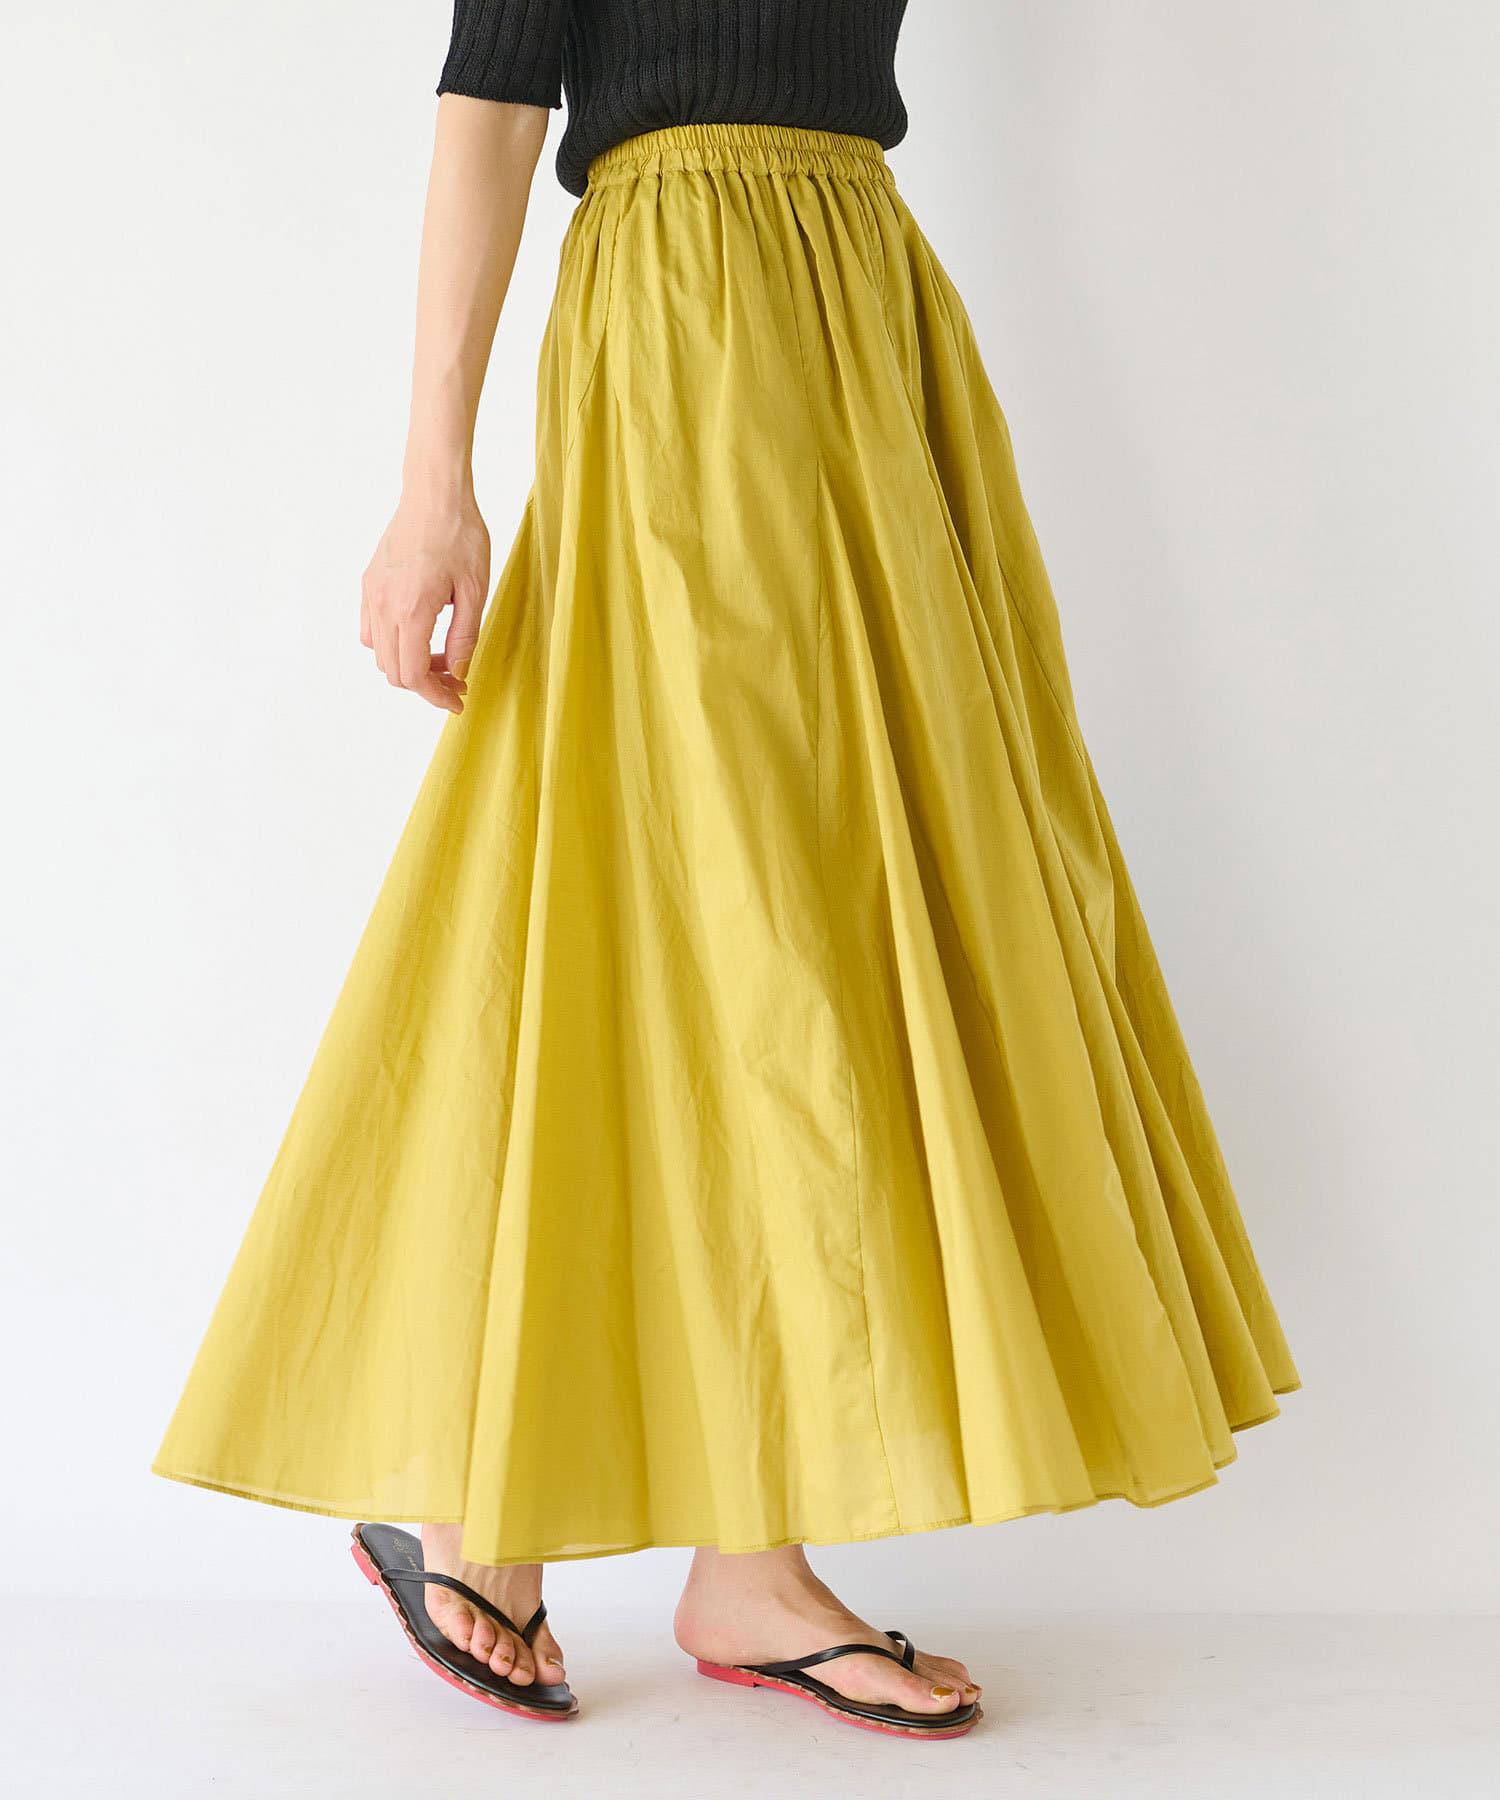 La boutique BonBon(ラブティックボンボン) 【手洗い可】綿ローンライトスカート